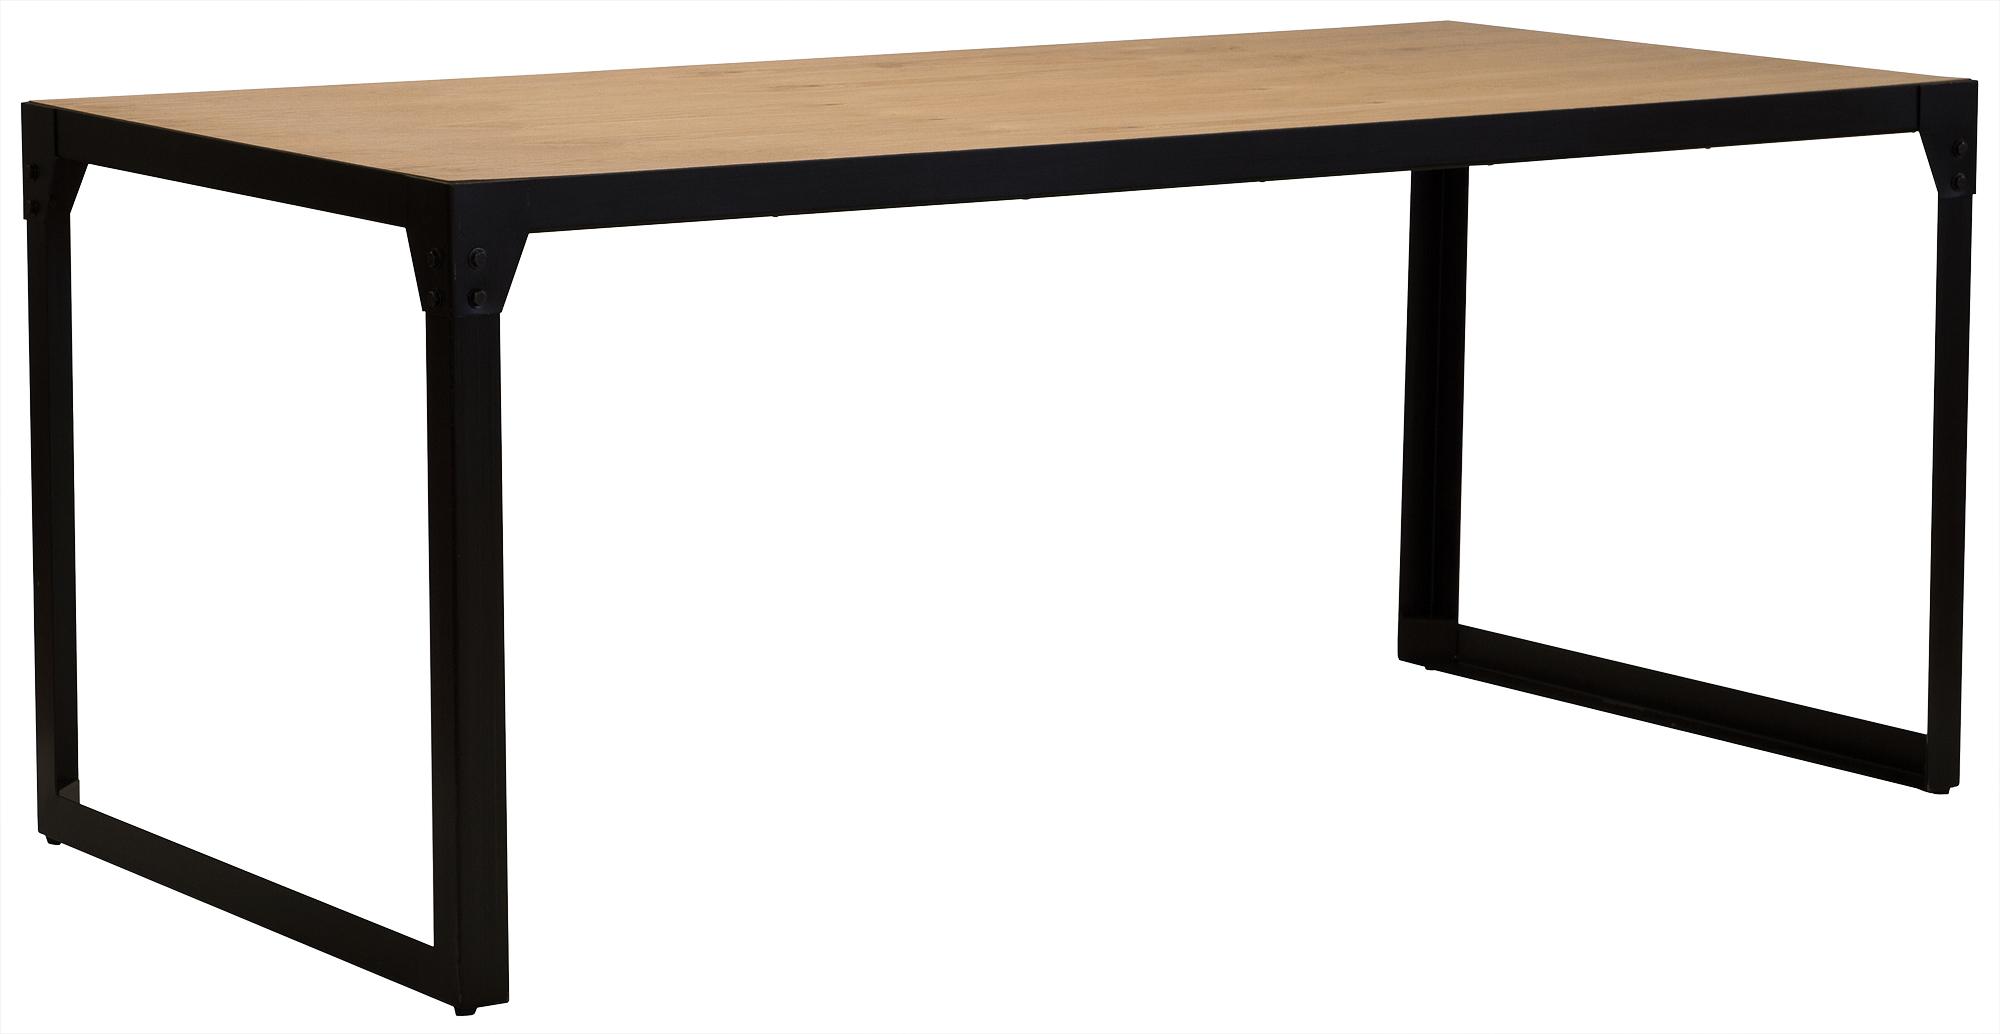 Industri matbord Vintage 2990 kr Trendrum se